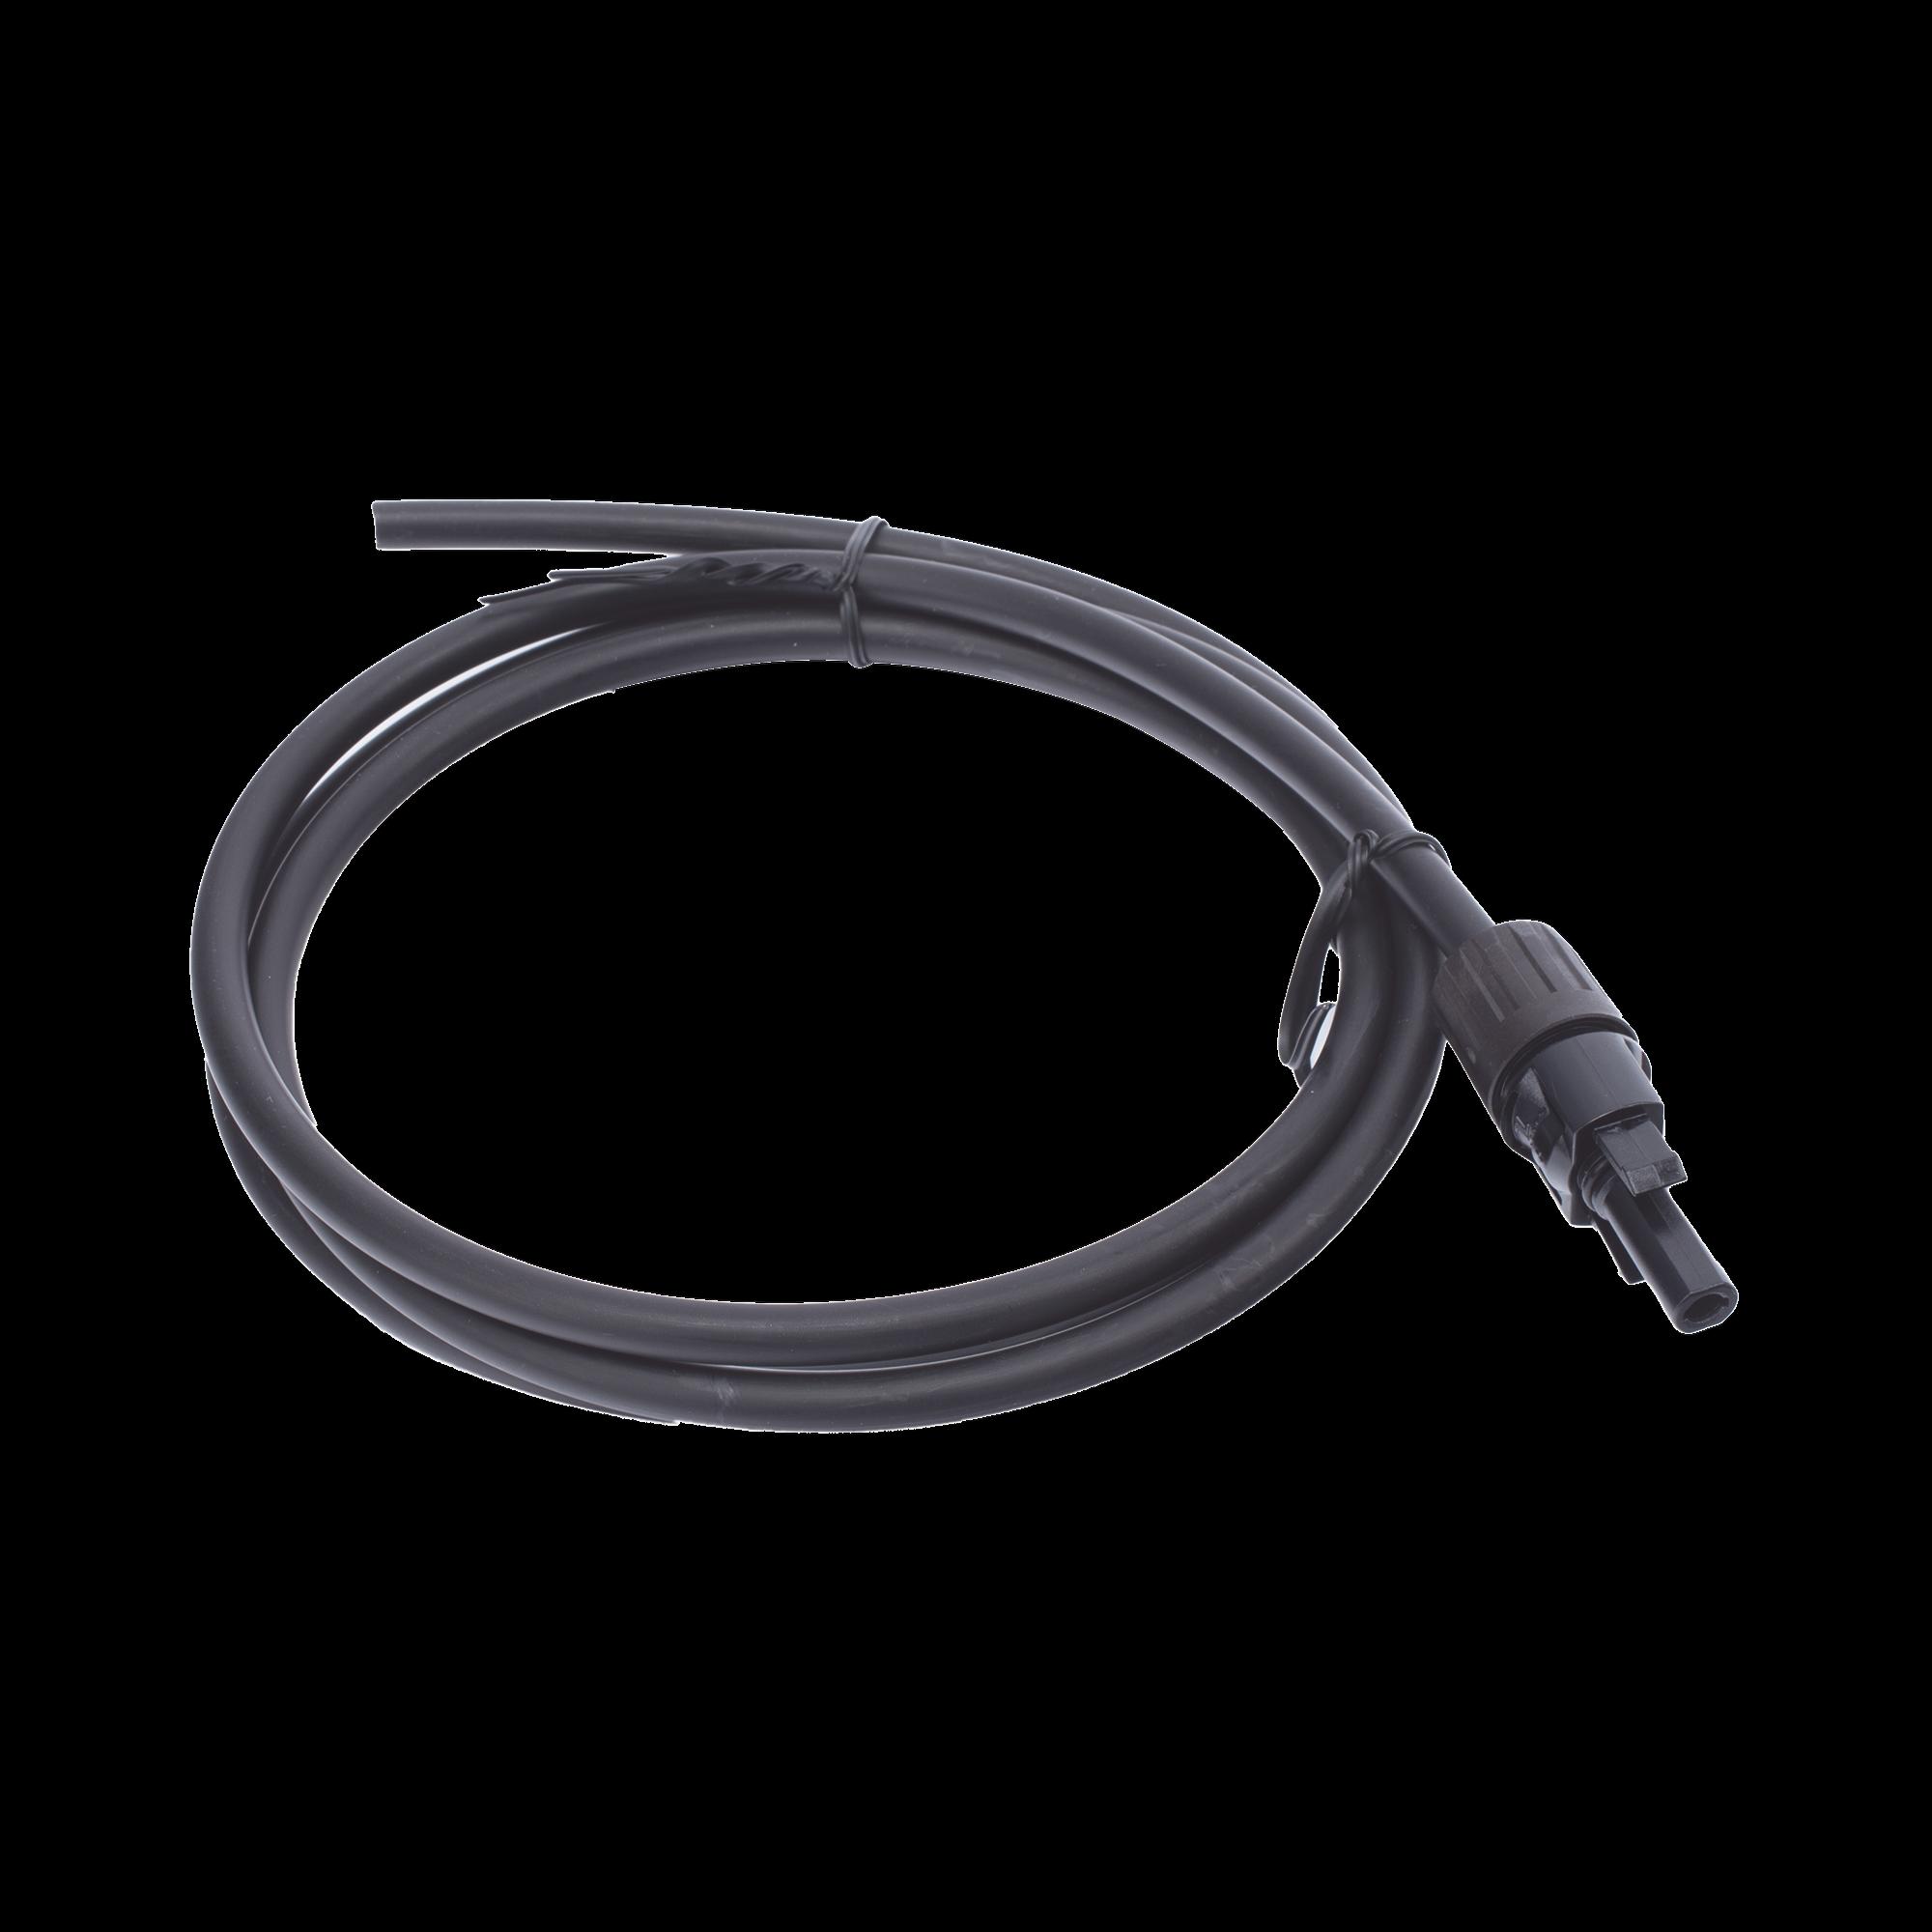 Cable Fotovoltaico 1.5 m, Negro, Calibre 10 AWG con Terminal MC4-H en un Extremo